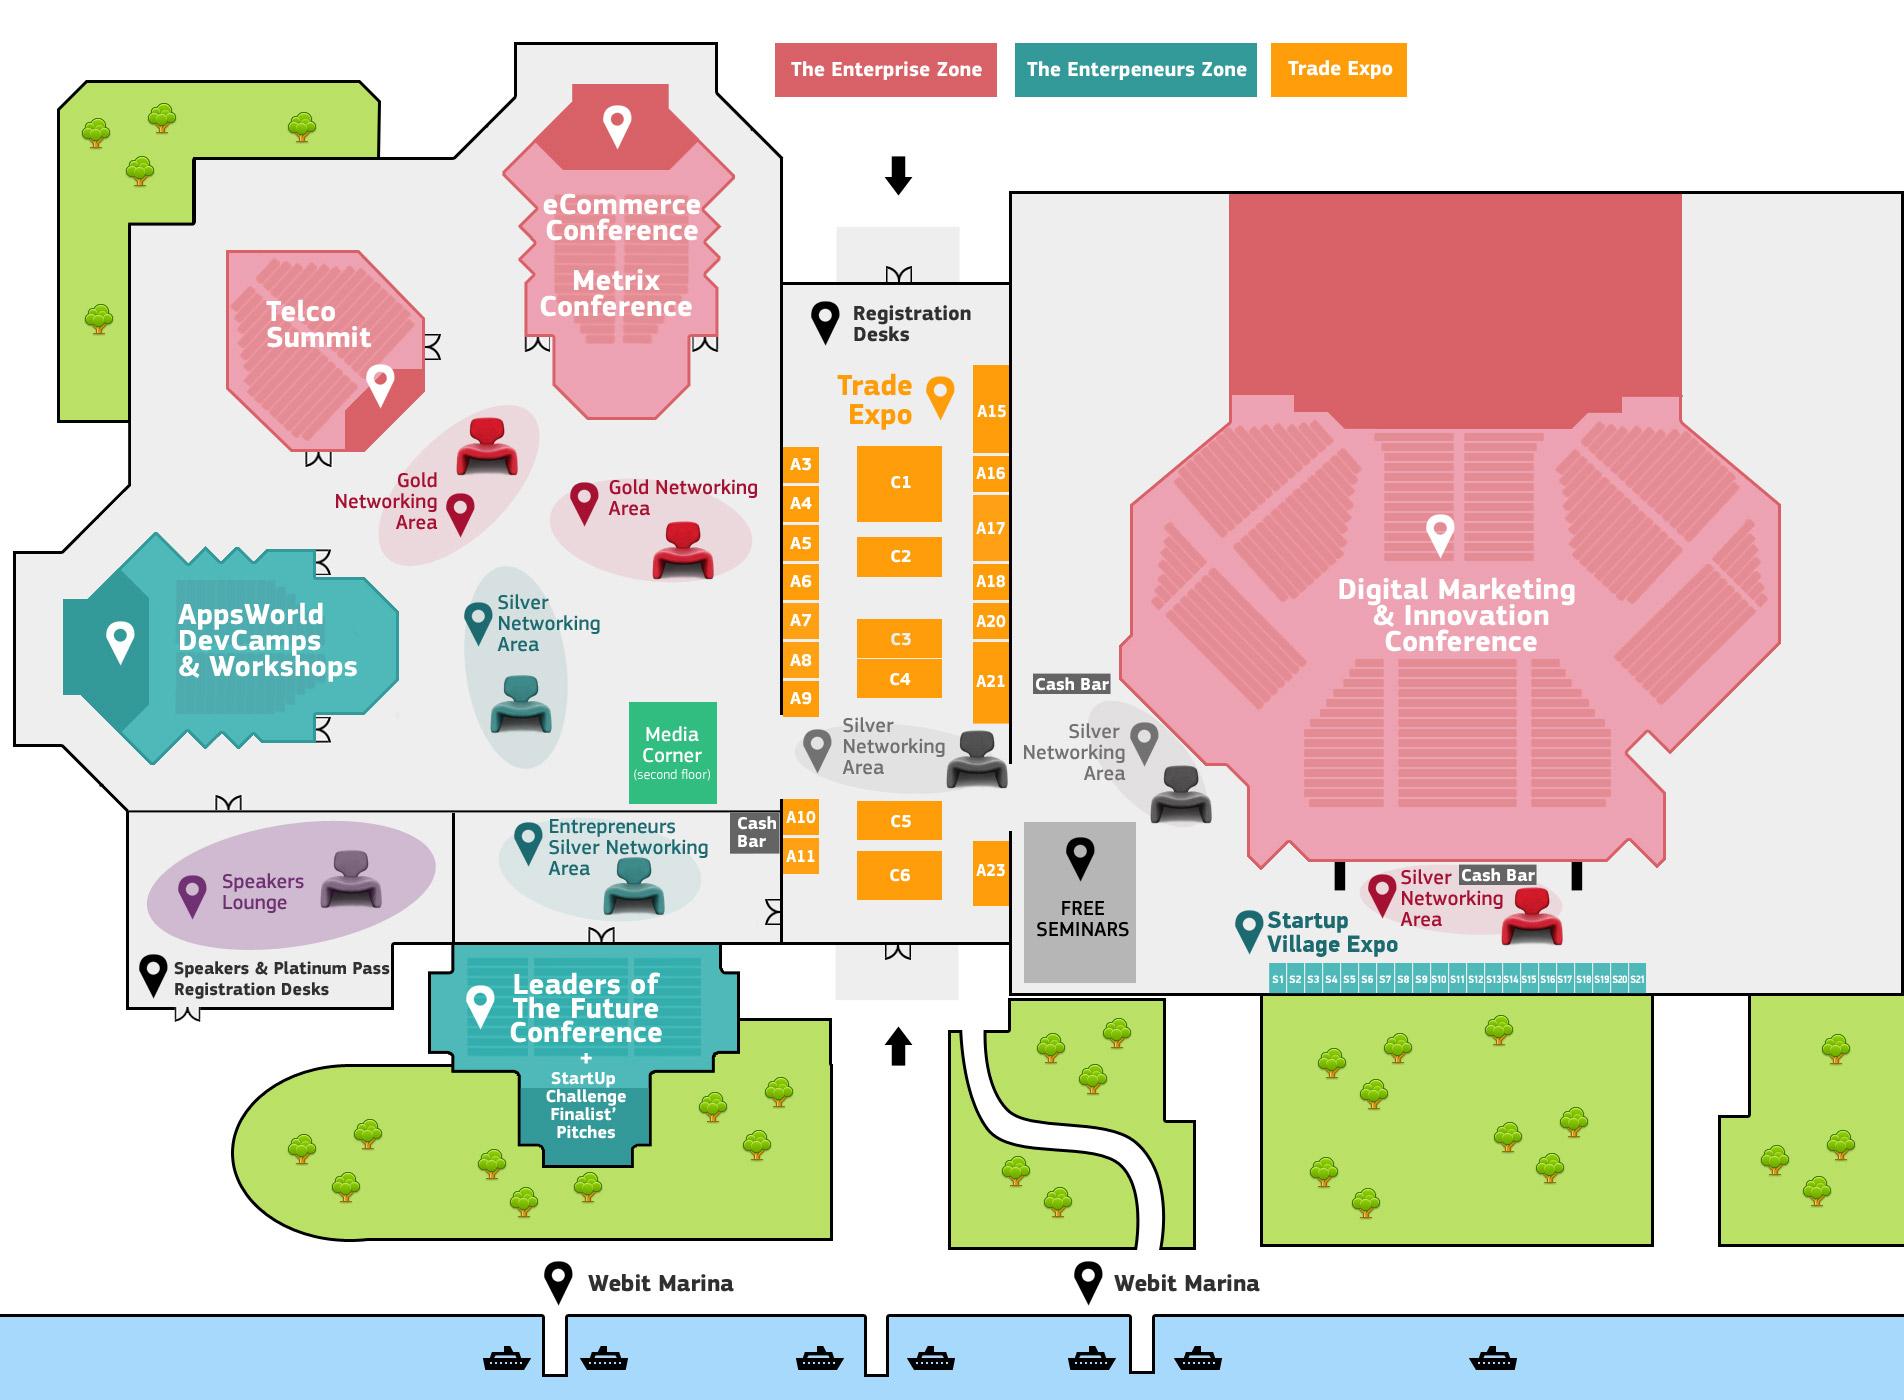 Webit Congress 2013 Floorplan